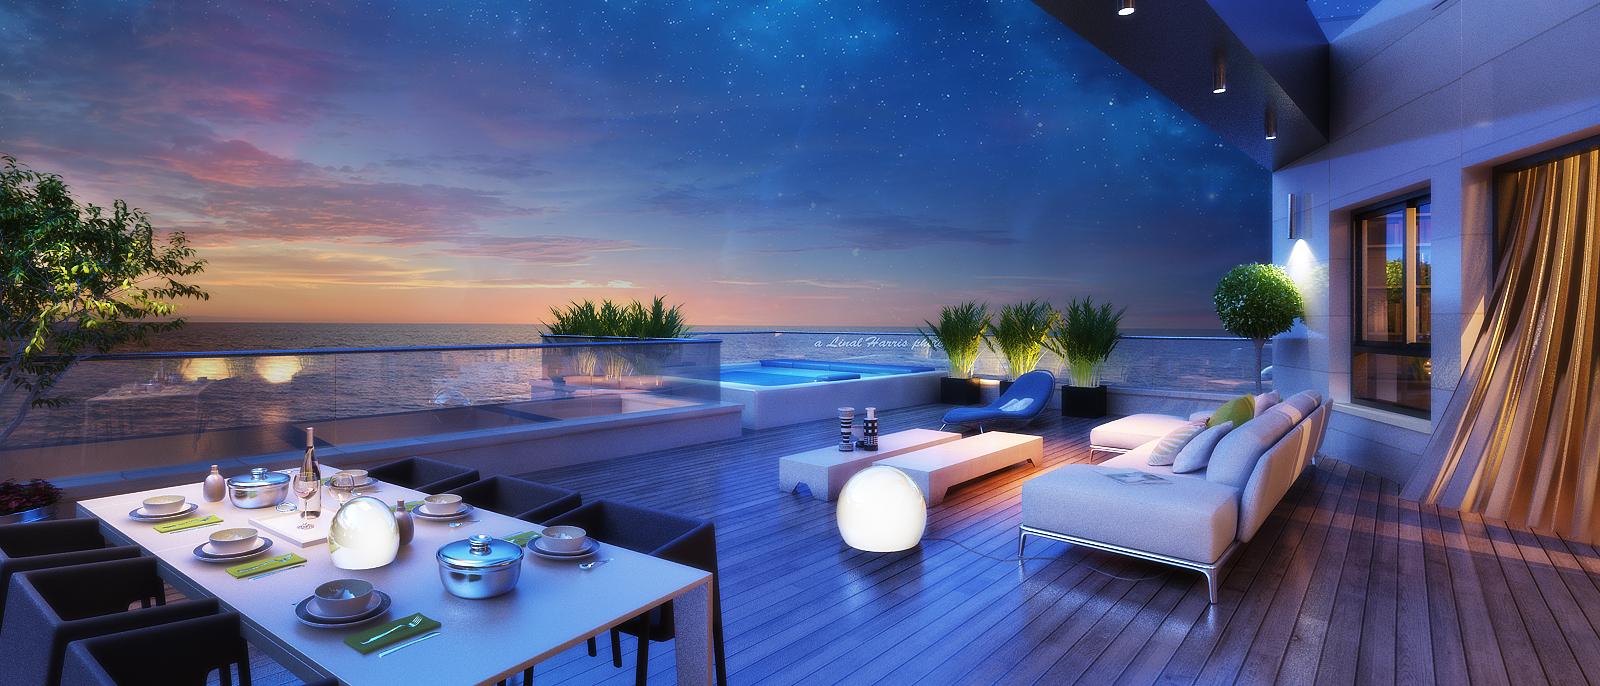 shmurat from balkon.jpg